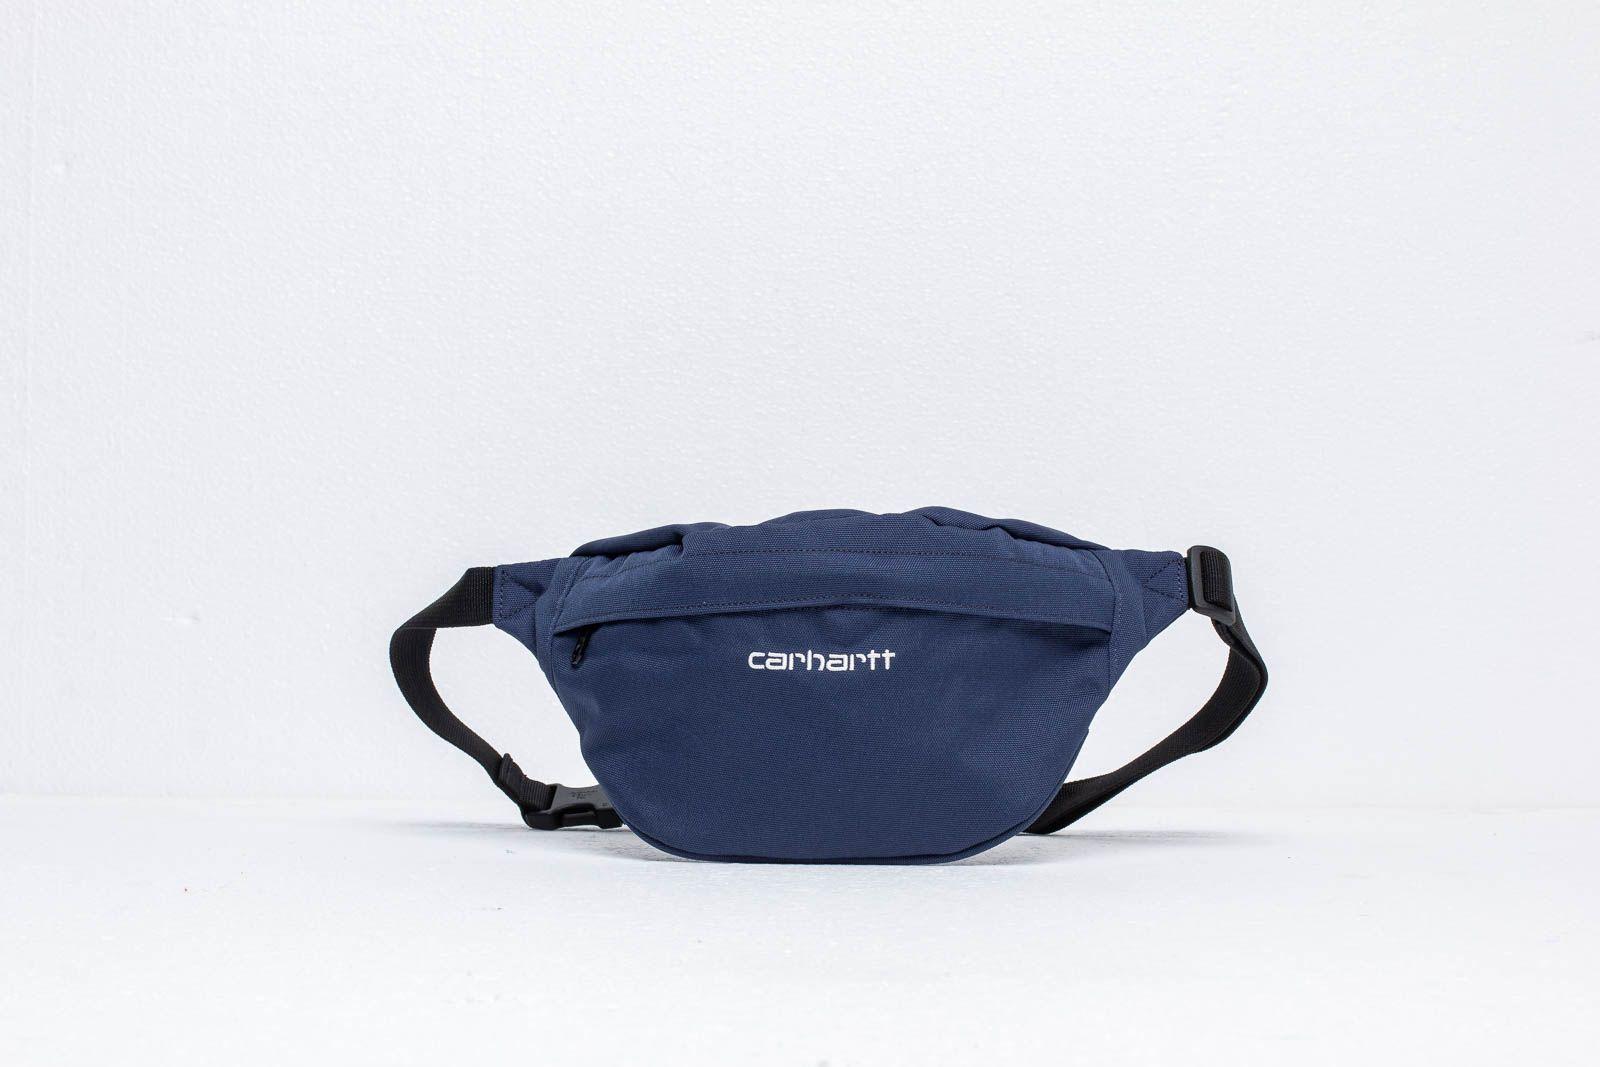 Carhartt WIP Payton Hip Bag Blue/ White za skvělou cenu 890 Kč koupíte na Footshop.cz